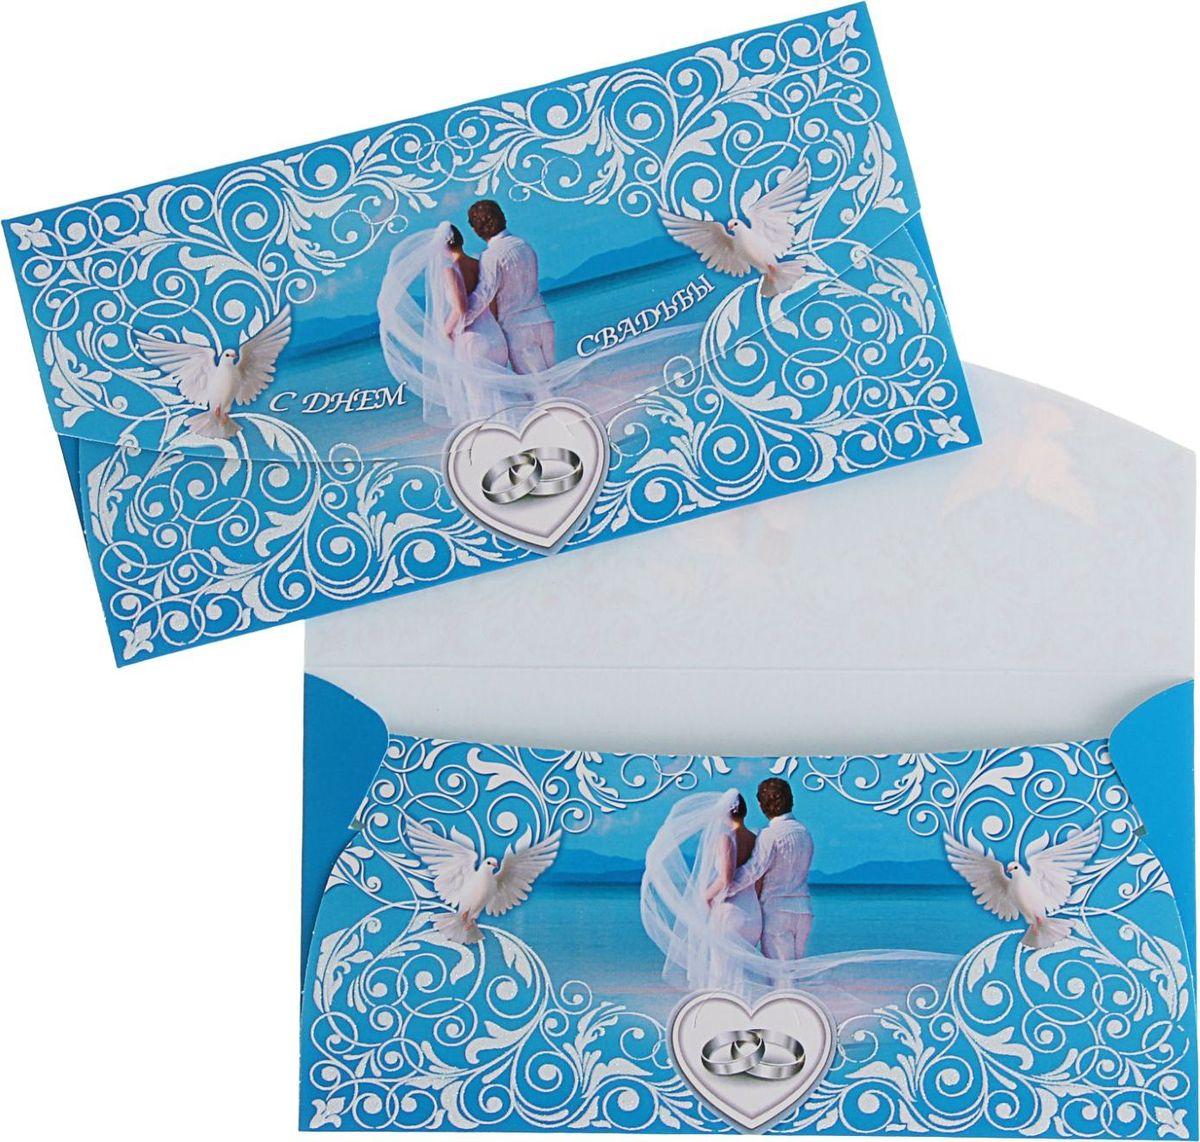 служит фон для конверта на свадьбу строен высок, нарядном